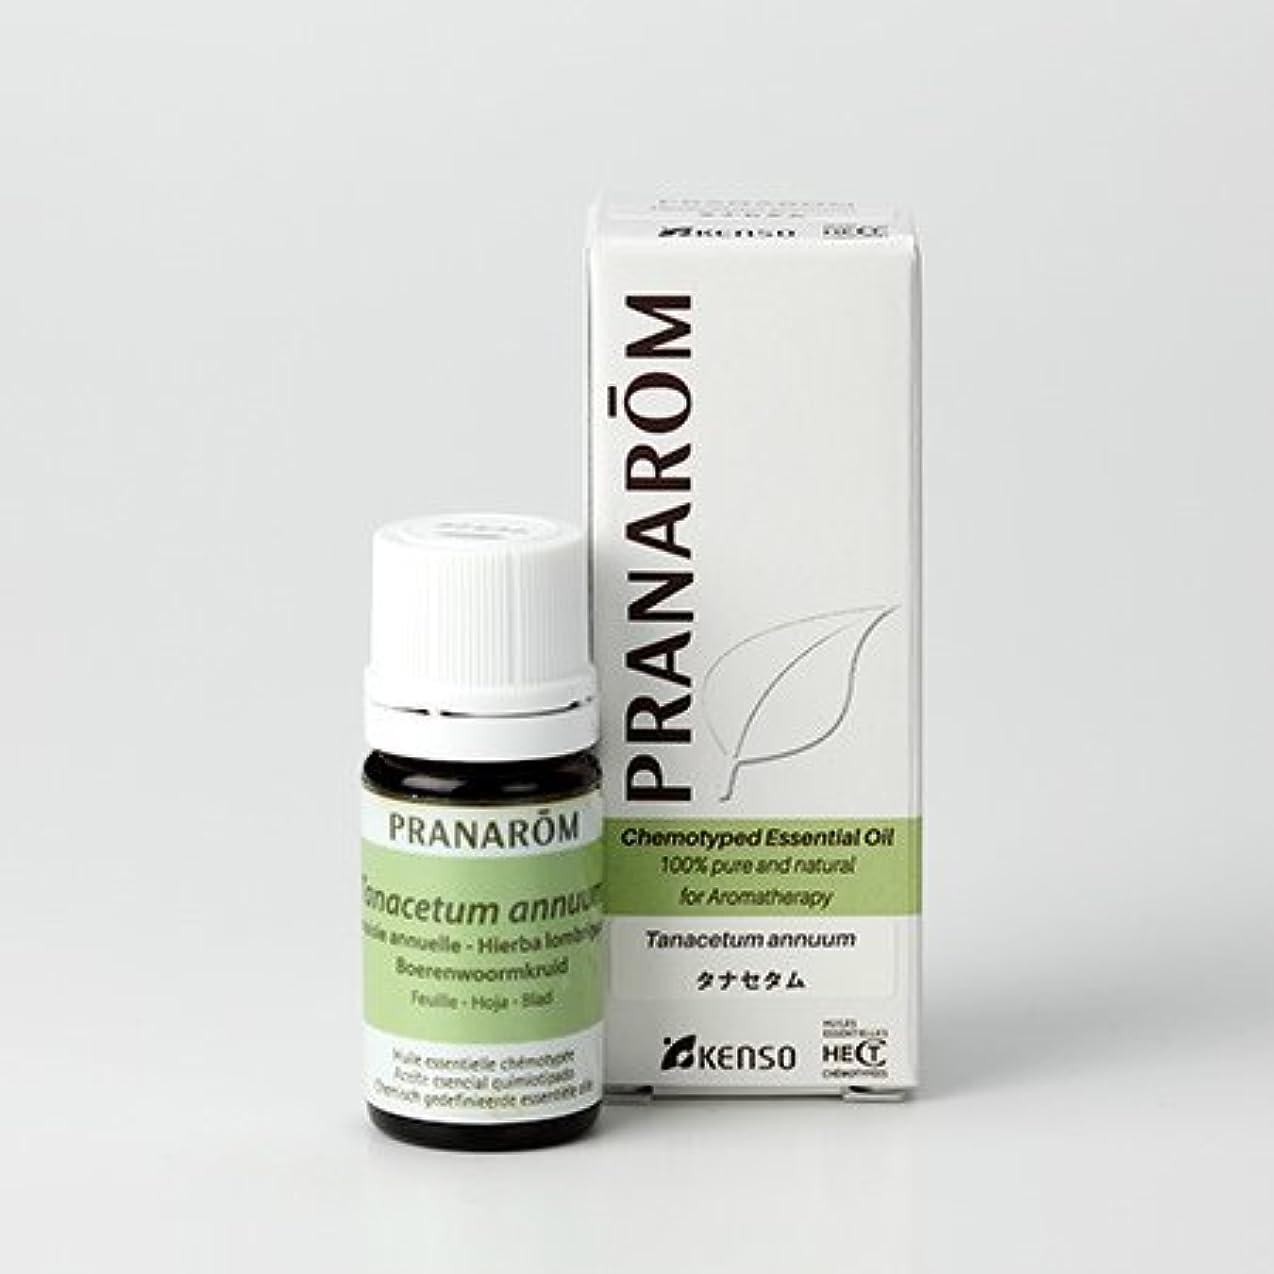 苦いヒント成功した【タナセタム 5ml】→甘みのある、濃厚でフルーティな香り?(リラックスハーブ系)[PRANAROM(プラナロム)精油/アロマオイル/エッセンシャルオイル]P-173